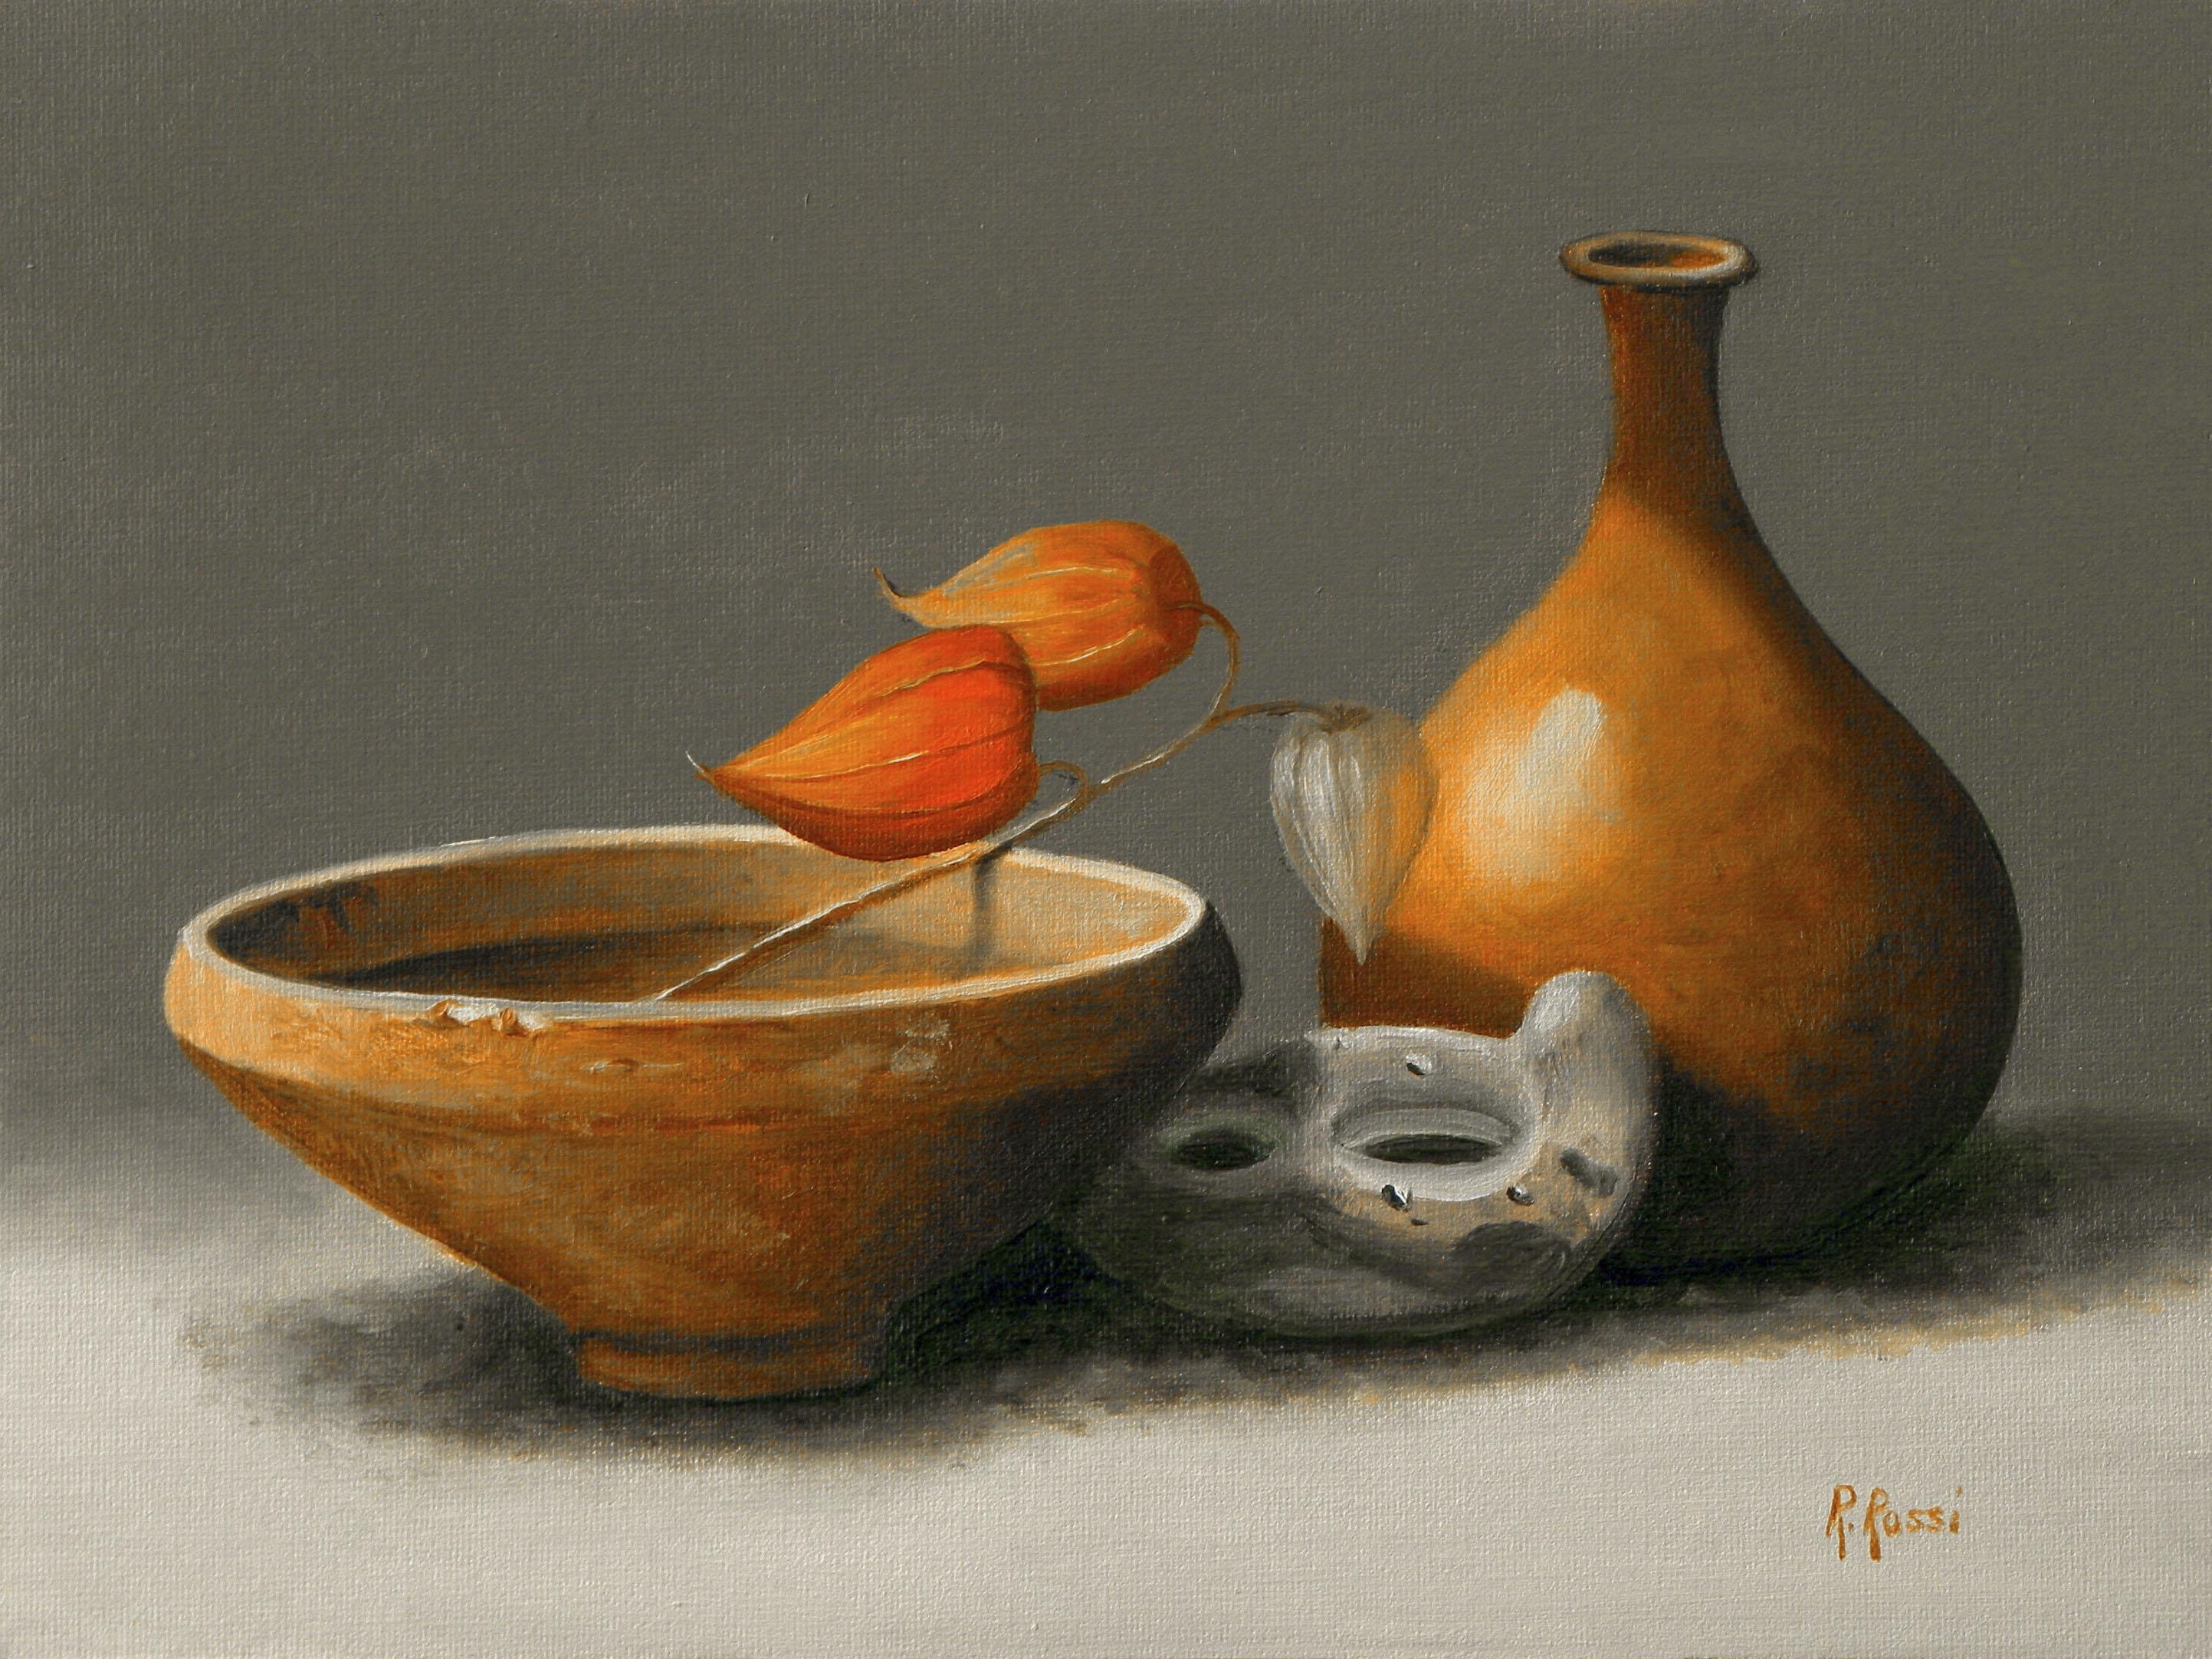 2010 roberta rossi – ceramiche etrusche con alchechengi – olio su tela – 18 x 24